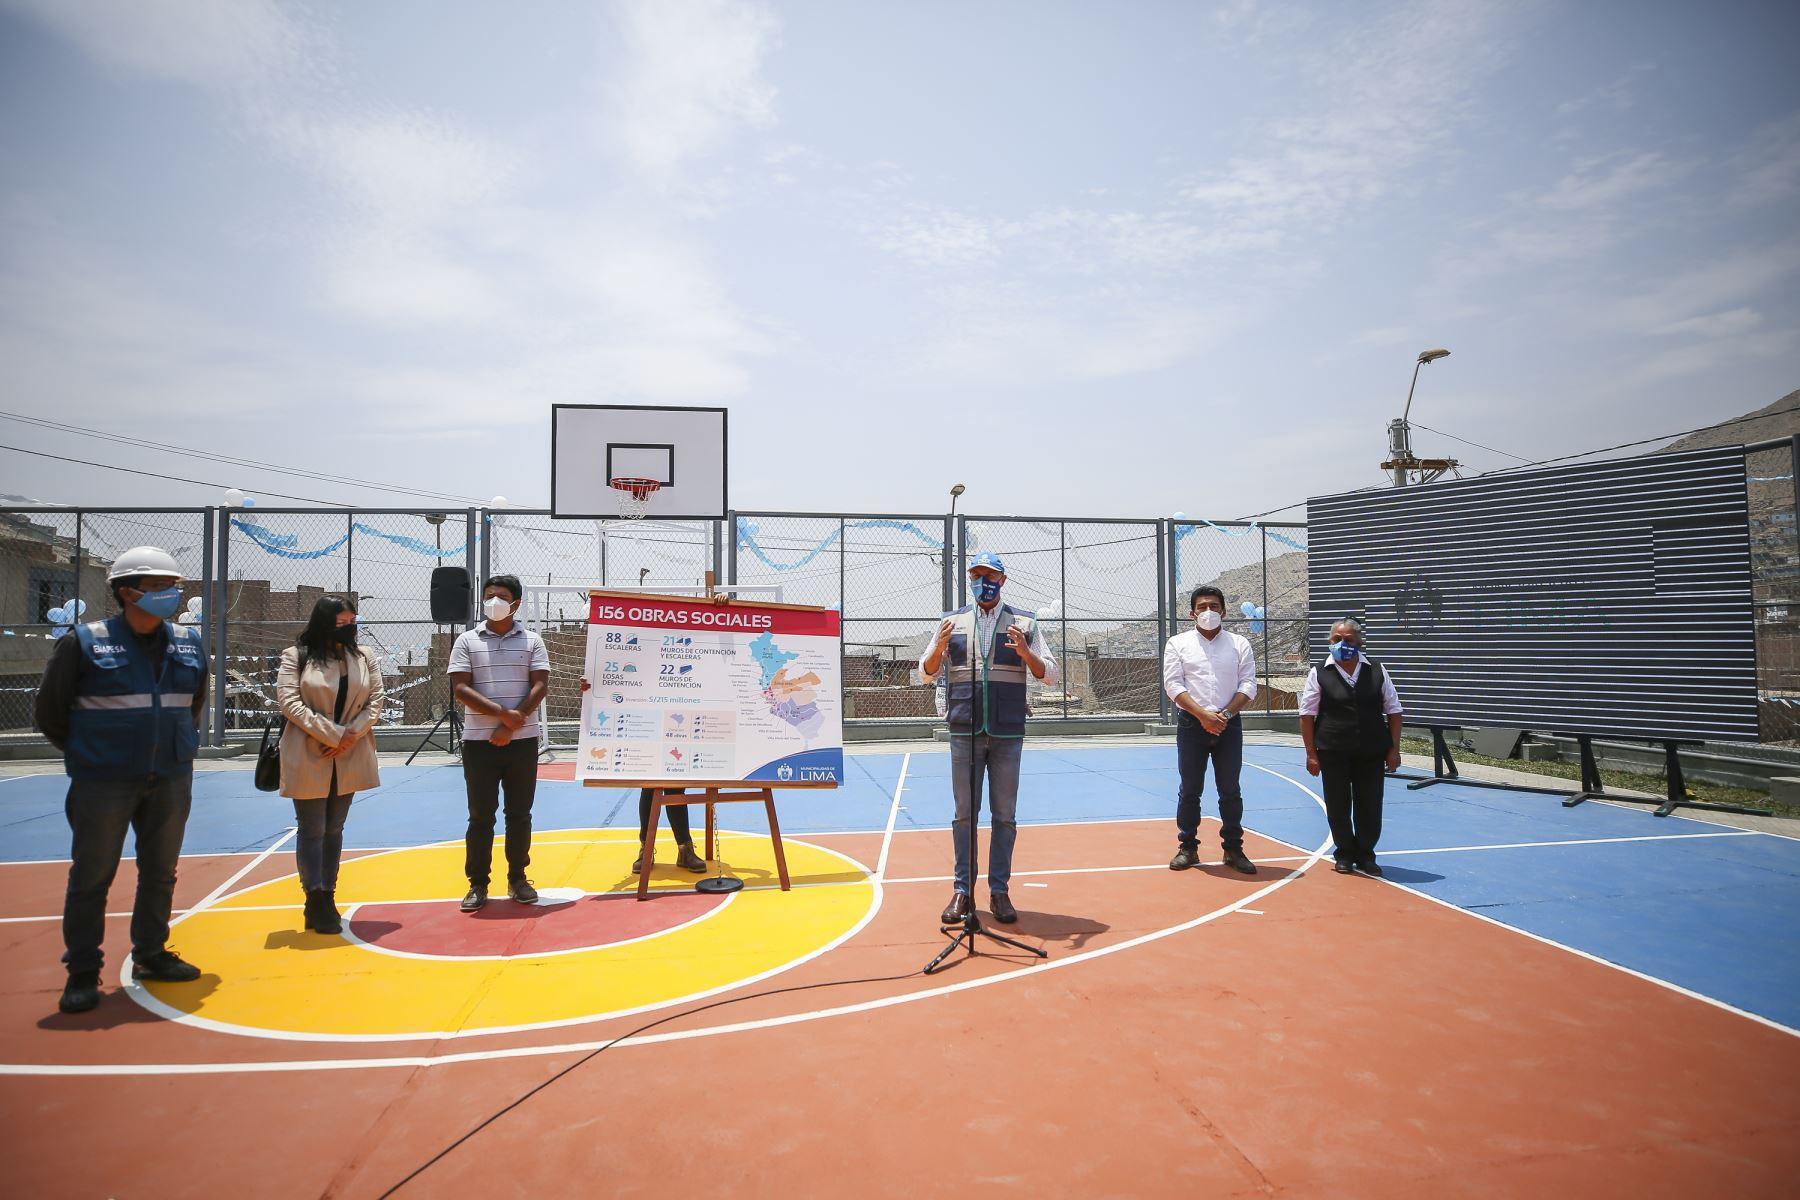 El alcalde de Lima, Jorge Muñoz, presentó el plan de las 156 obras sociales que la comuna limeña viene ejecutando en 19 distritos, las cuales se caracterizan por la intervención de lugares que requerían el mejoramiento y construcción de vías de acceso peatonal y espacios recreativos en zonas alejadas de la capital. Foto: MML